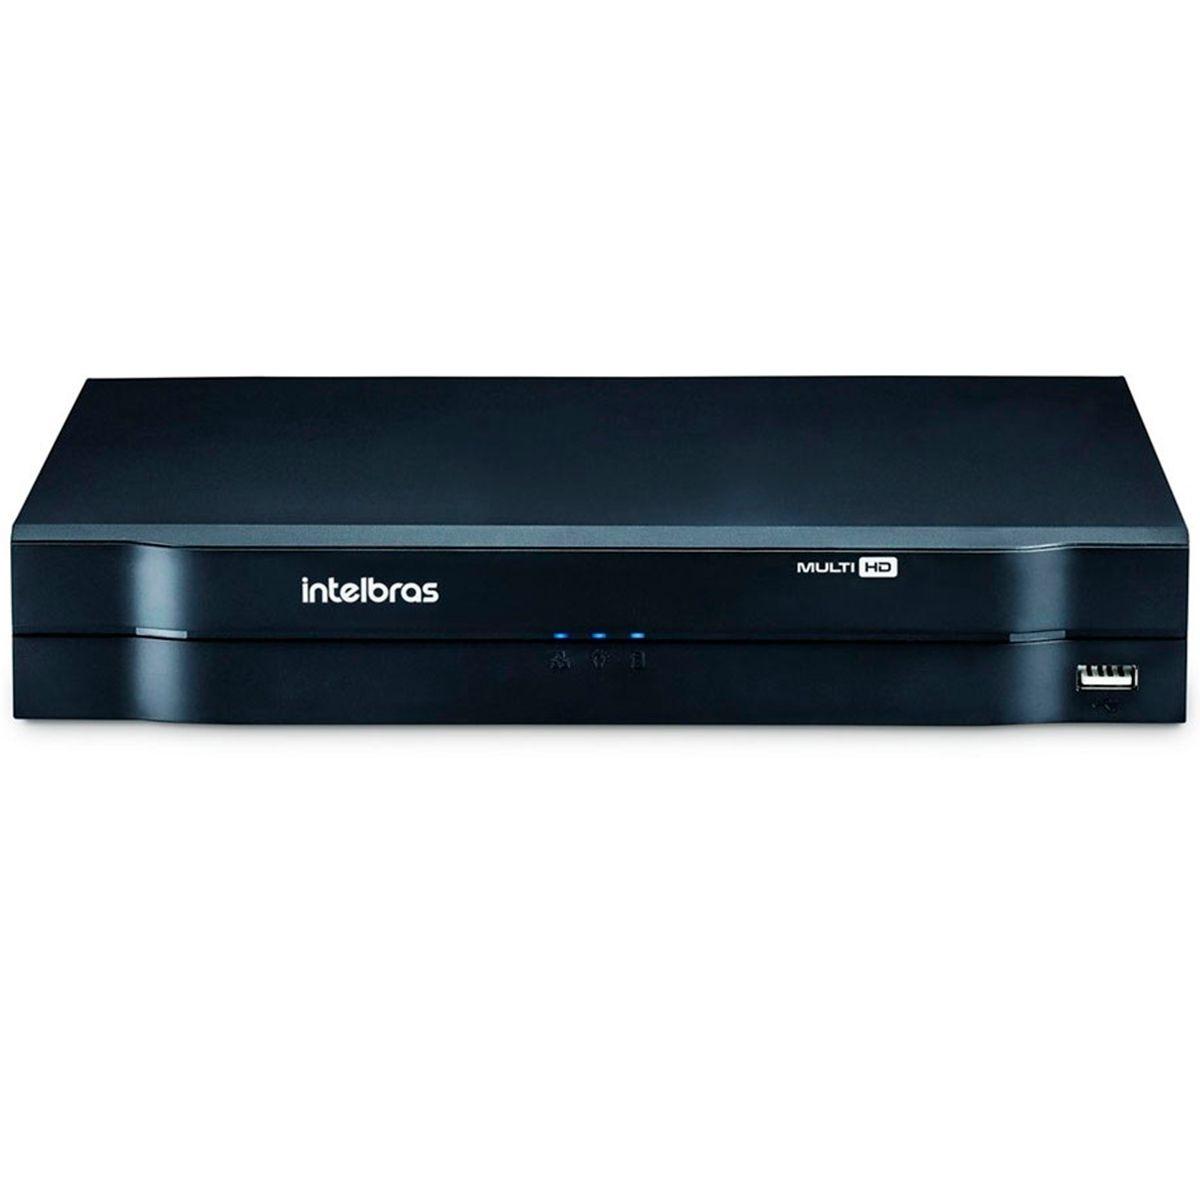 DVR Stand Alone Multi HD Intelbras MHDX-1008 08 Canais + HD 1TB WD Purple de CFTV (Não instalado)  - Tudo Forte